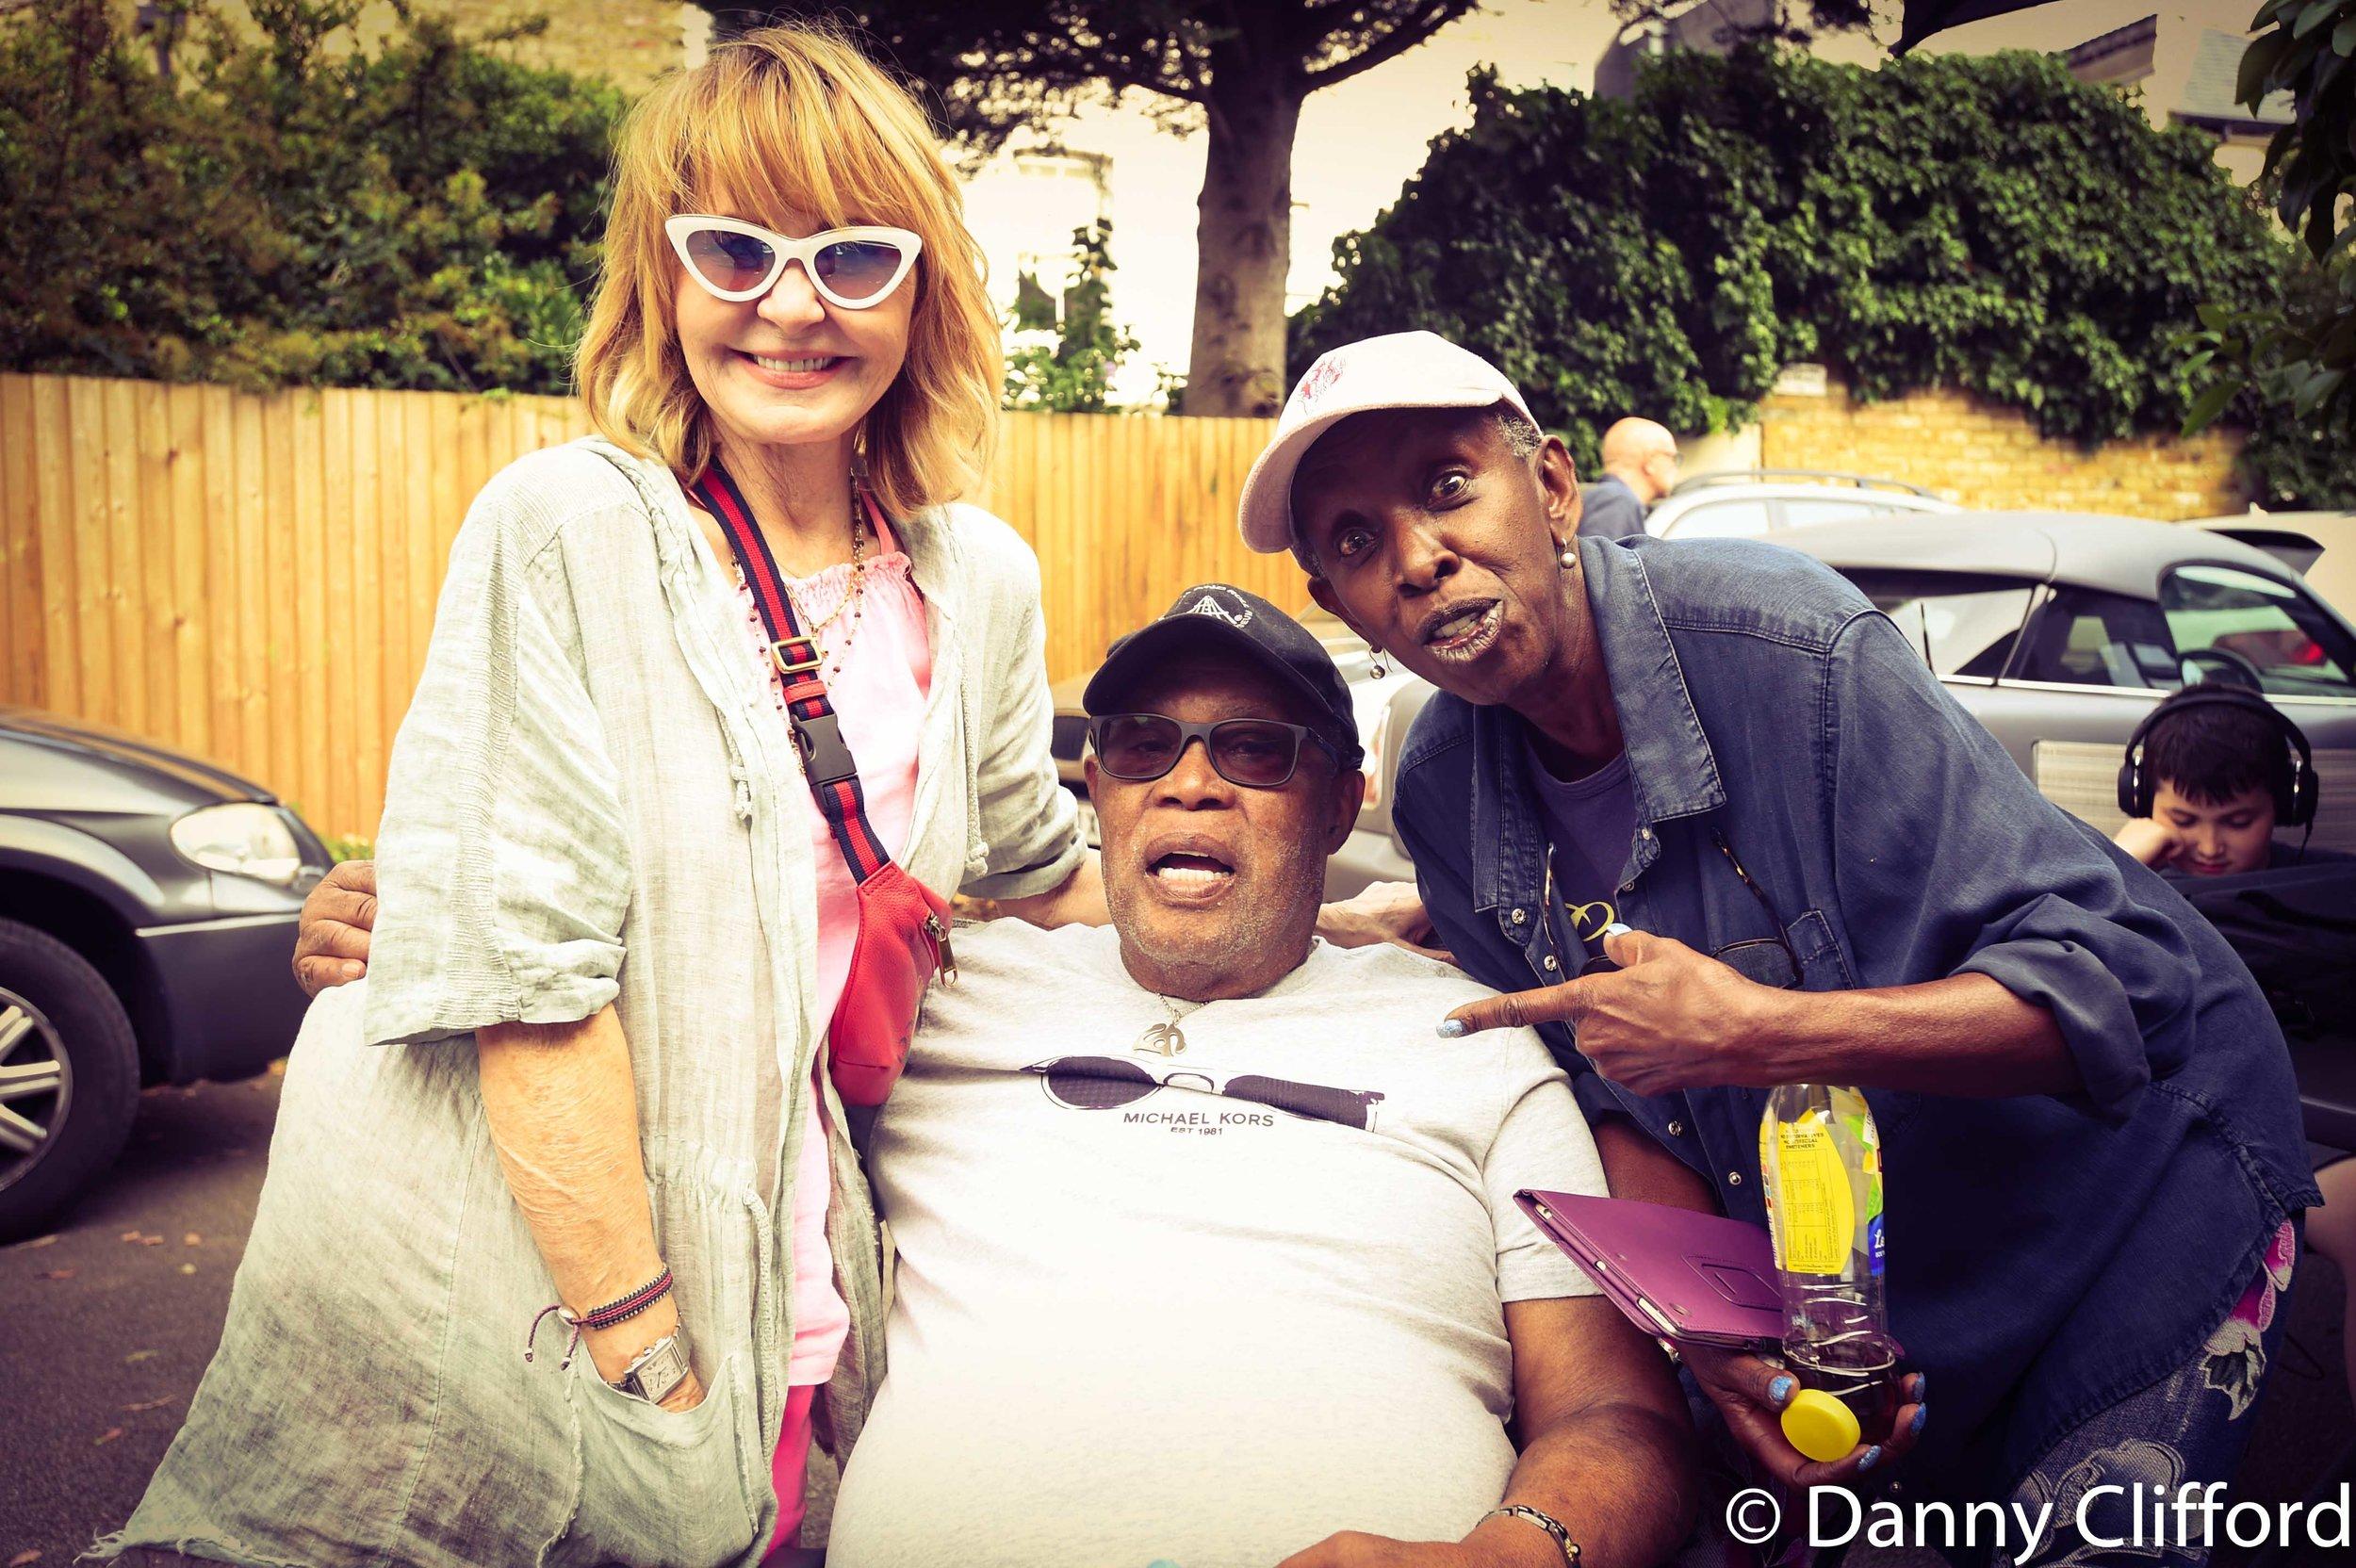 Lulu, Sam & Madeline Bell #Lulu #SoulMan #SamMoore #MadelineBell